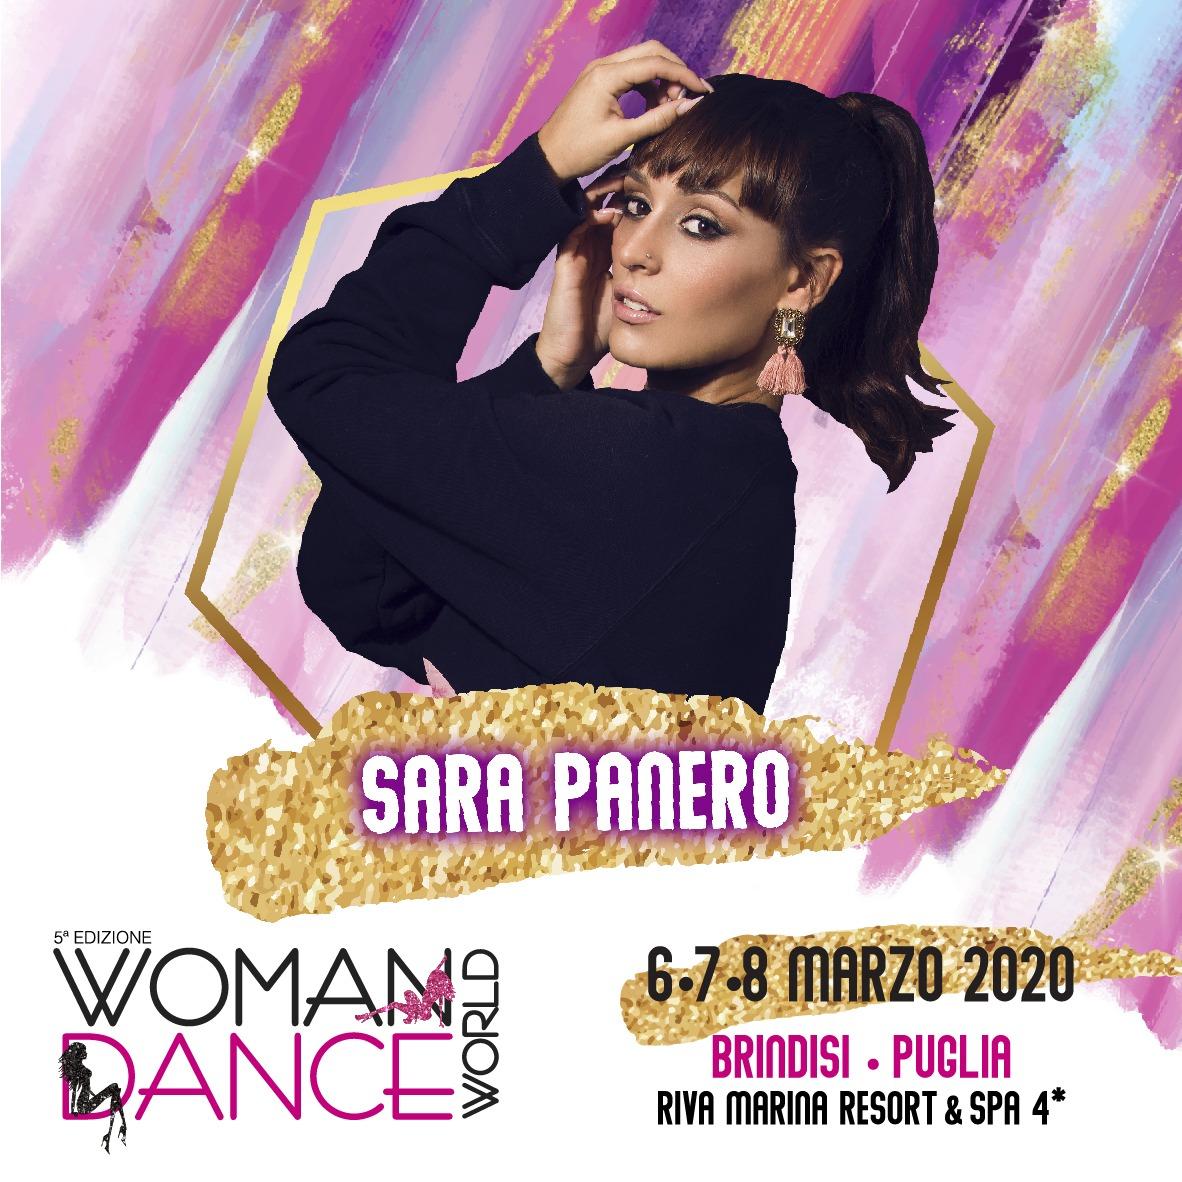 Sara Panero